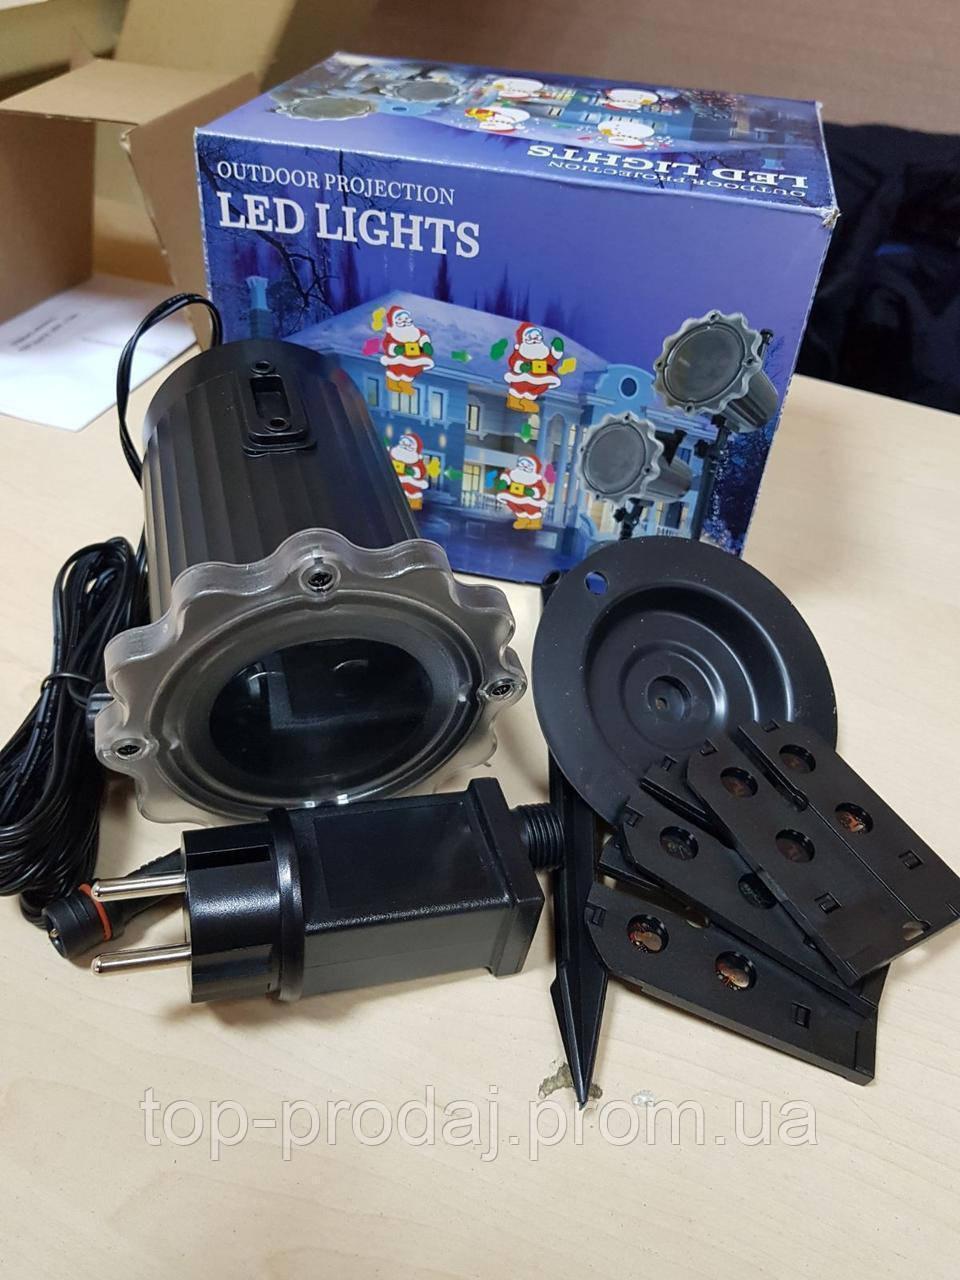 Laser Projector Lamp 4 КАТРИДЖА № ZP4, Проекционная лампа, Проектор подсветка, Лазерный проектор